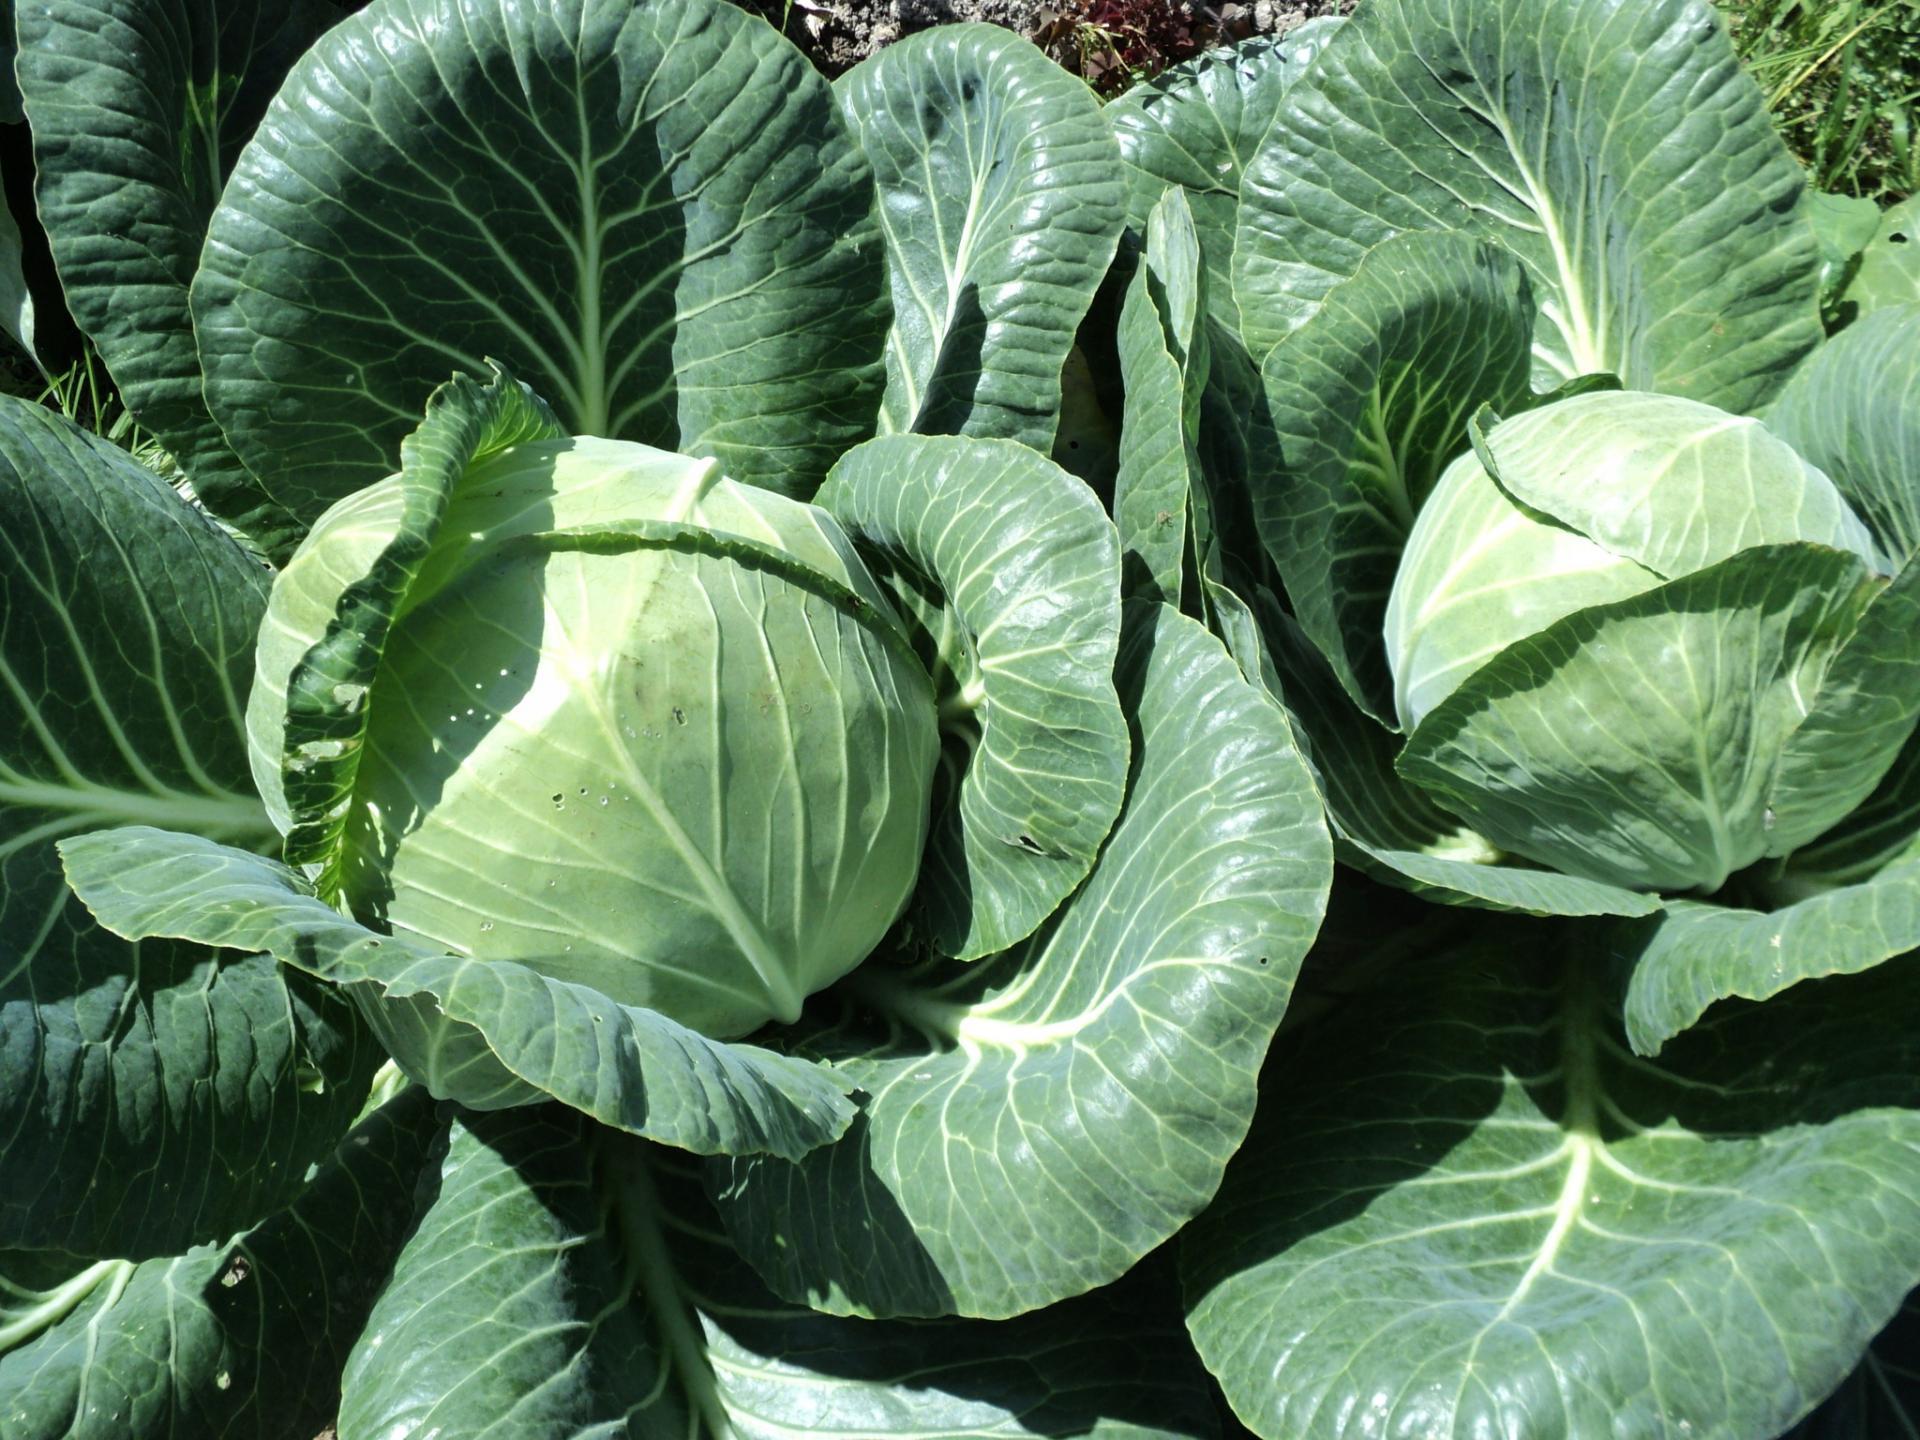 Обзор характеристик и описание гибрида капусты ринда f1, выращивание и уход